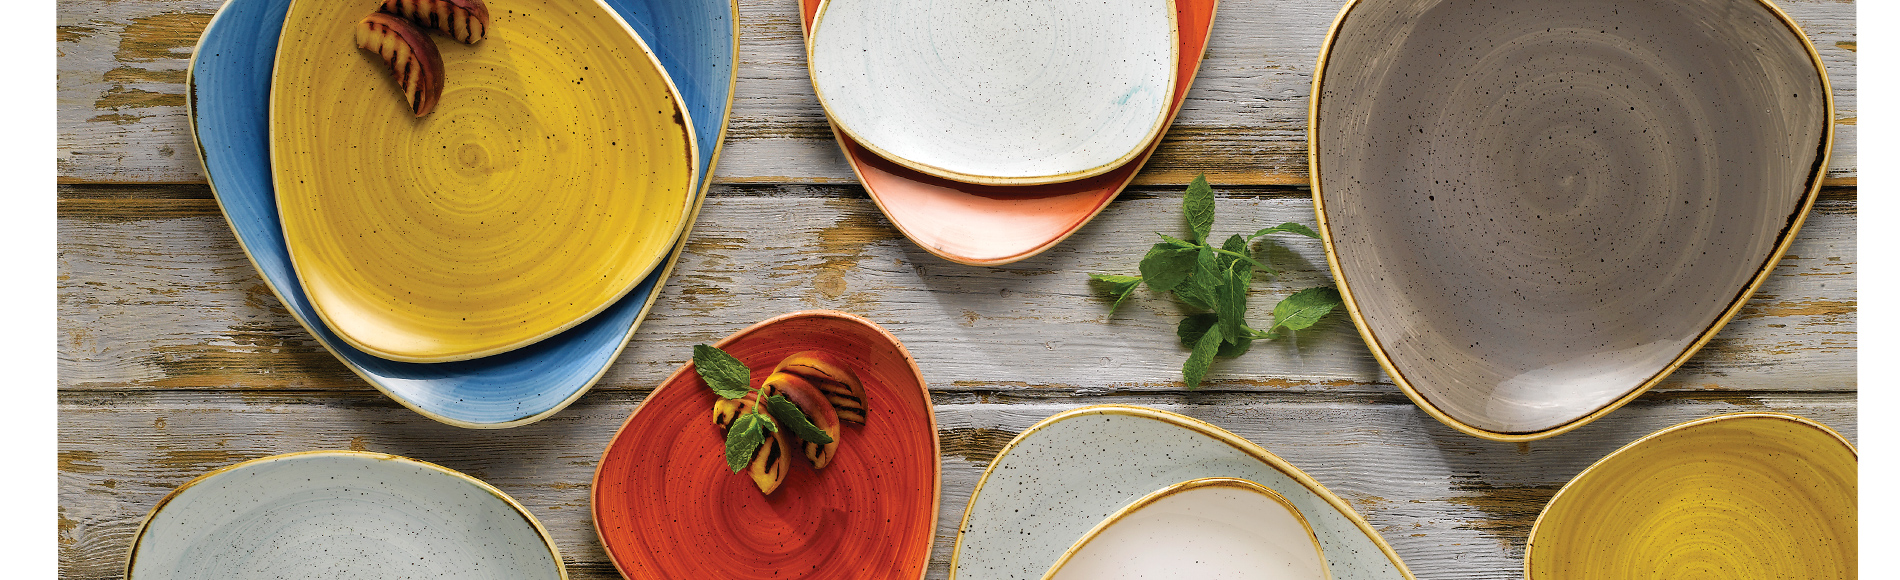 カラフルな色、プロユースにも適した丈夫で扱いやすい機能性、ユニークな形。カジュアルでスタイリッシュなイギリス製の食器ストーンキャスト。